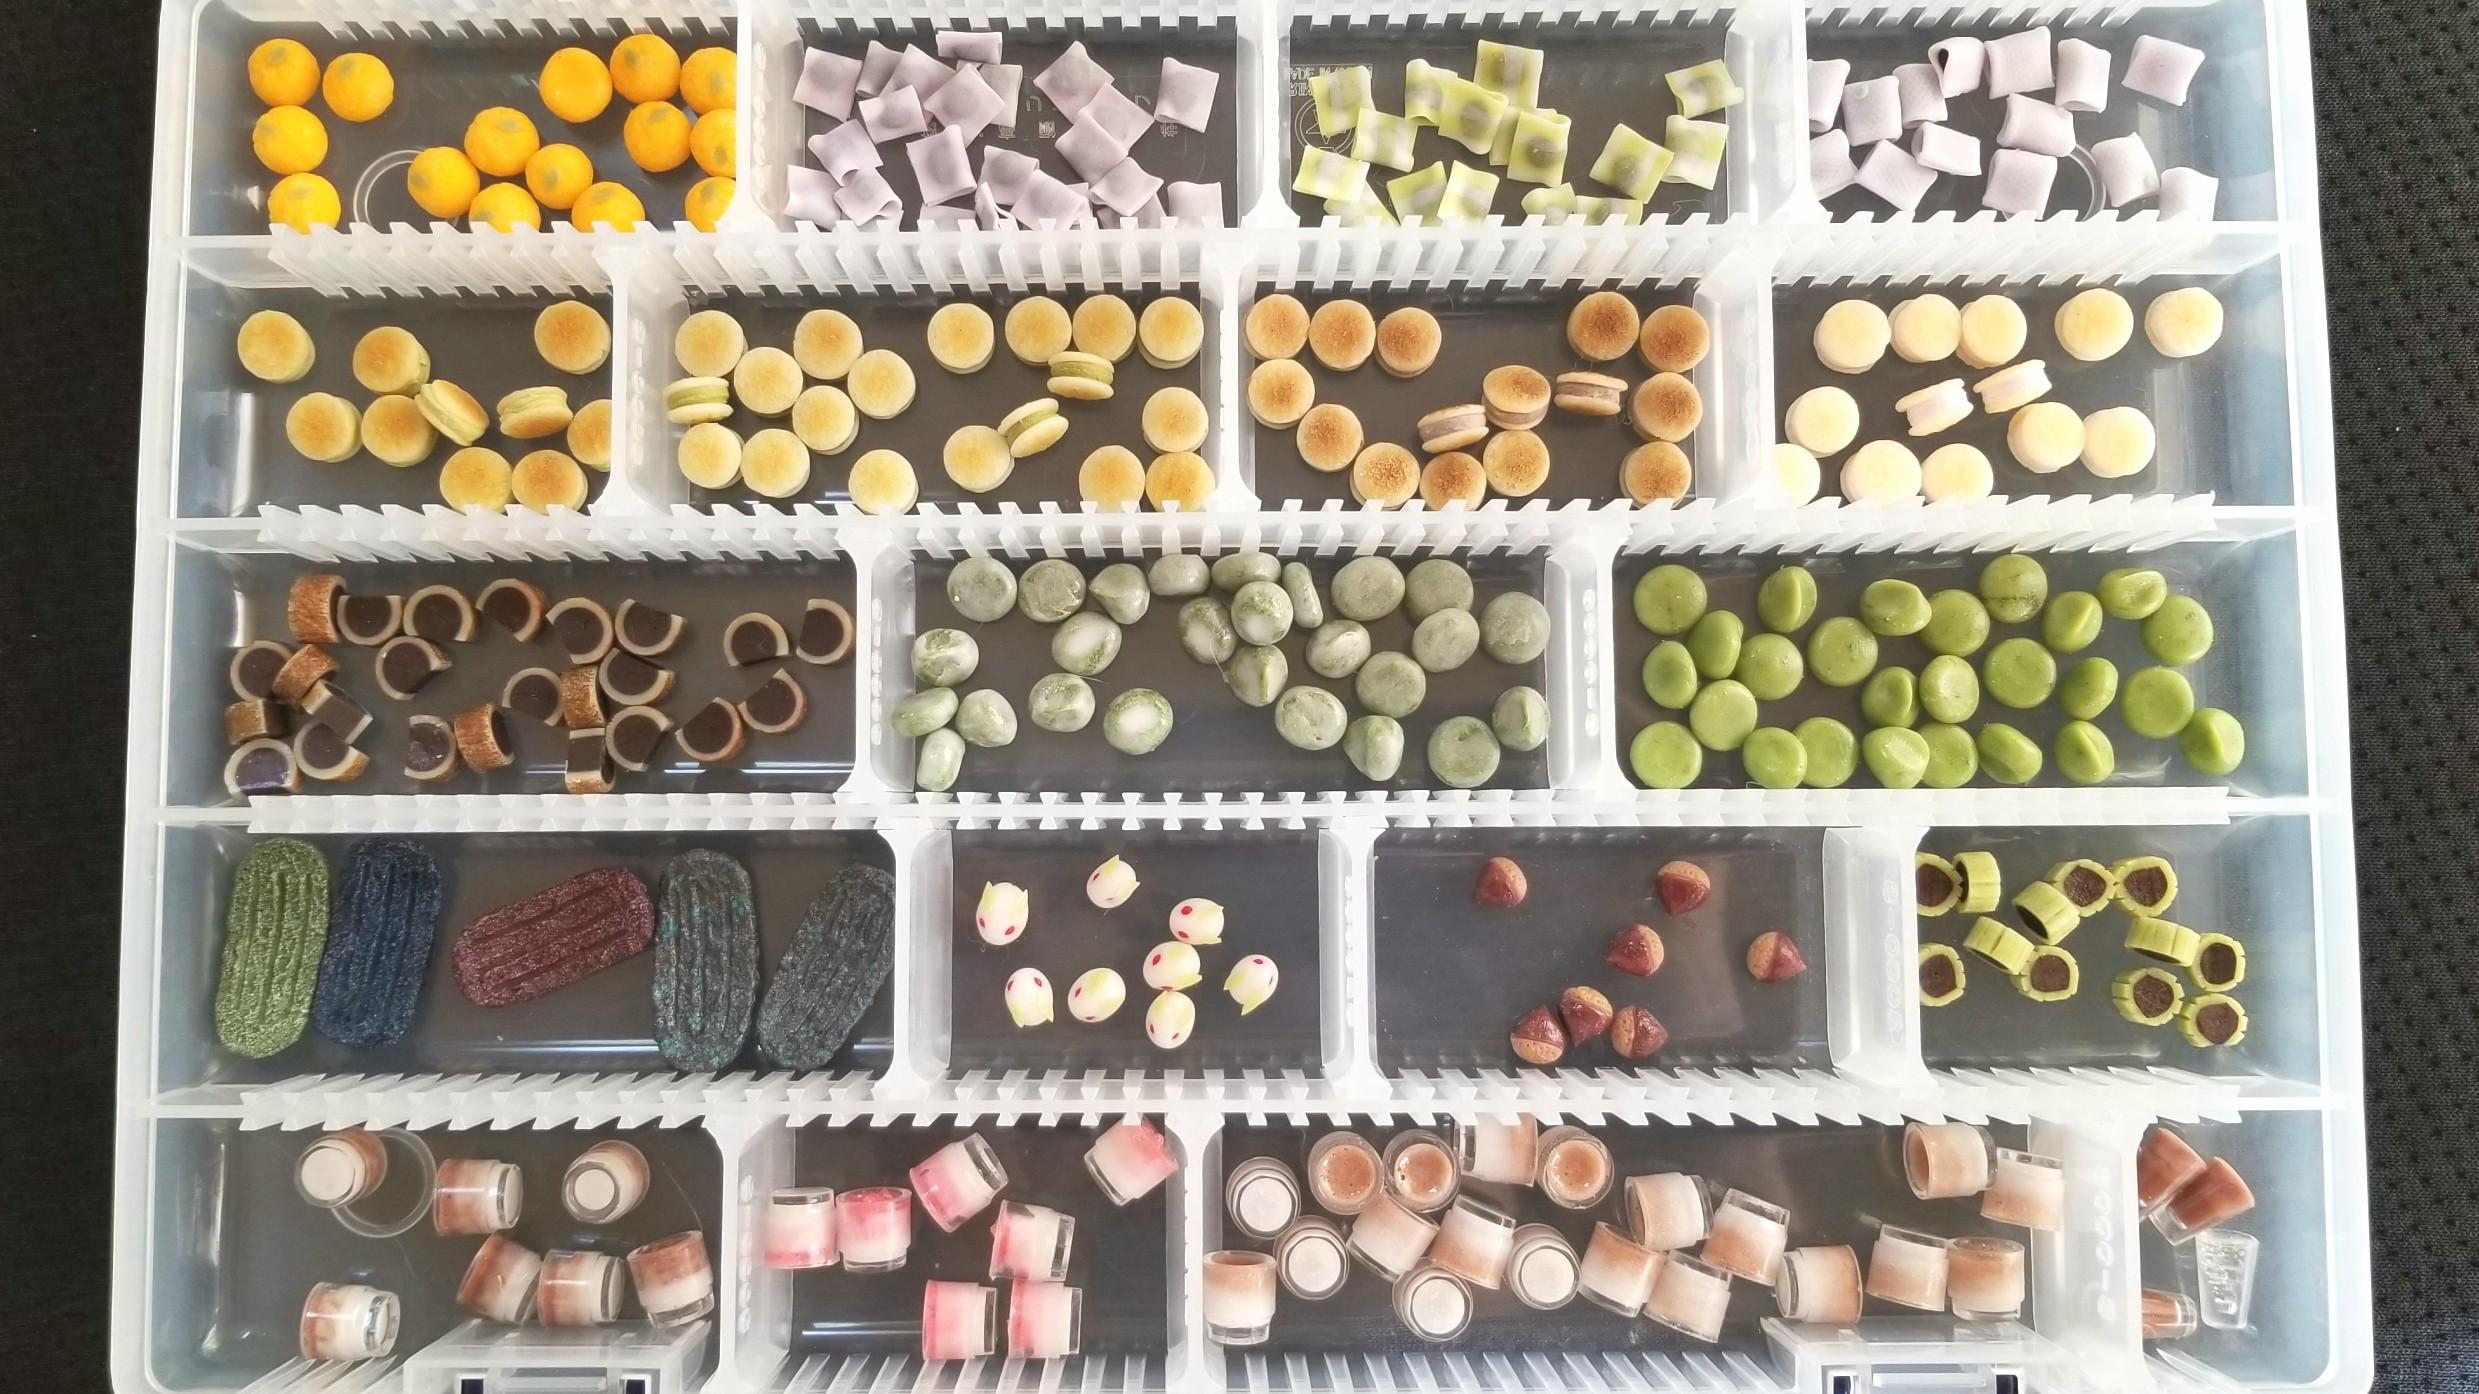 作品,量産,大量,ミニチュア,ジュース,和菓子,ドールハウス,オーレ